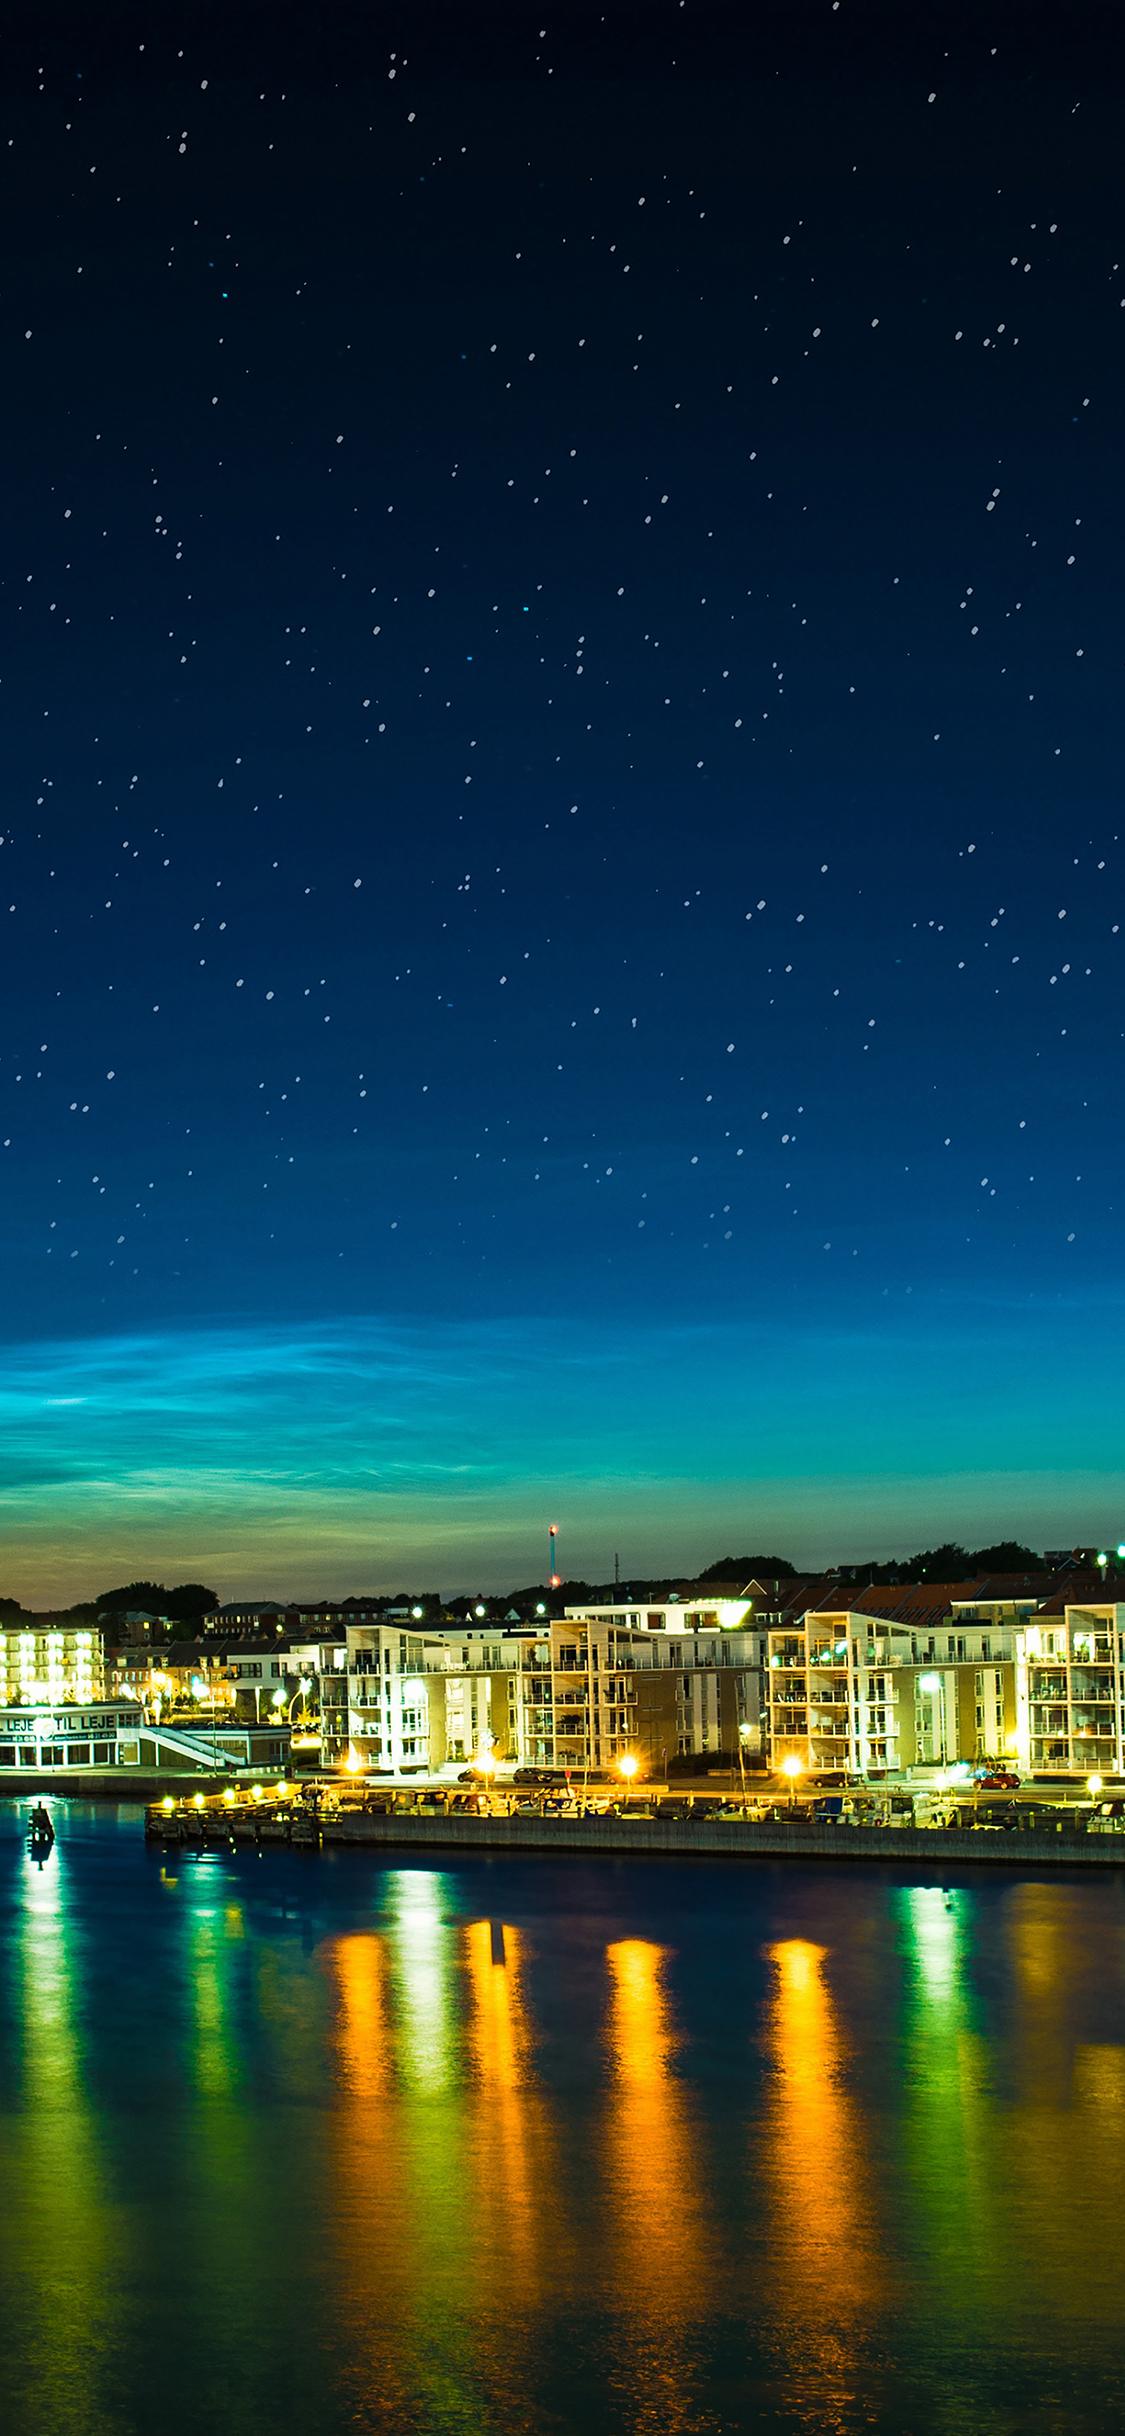 Night scene from sea cityscape iPhone X wallpaper